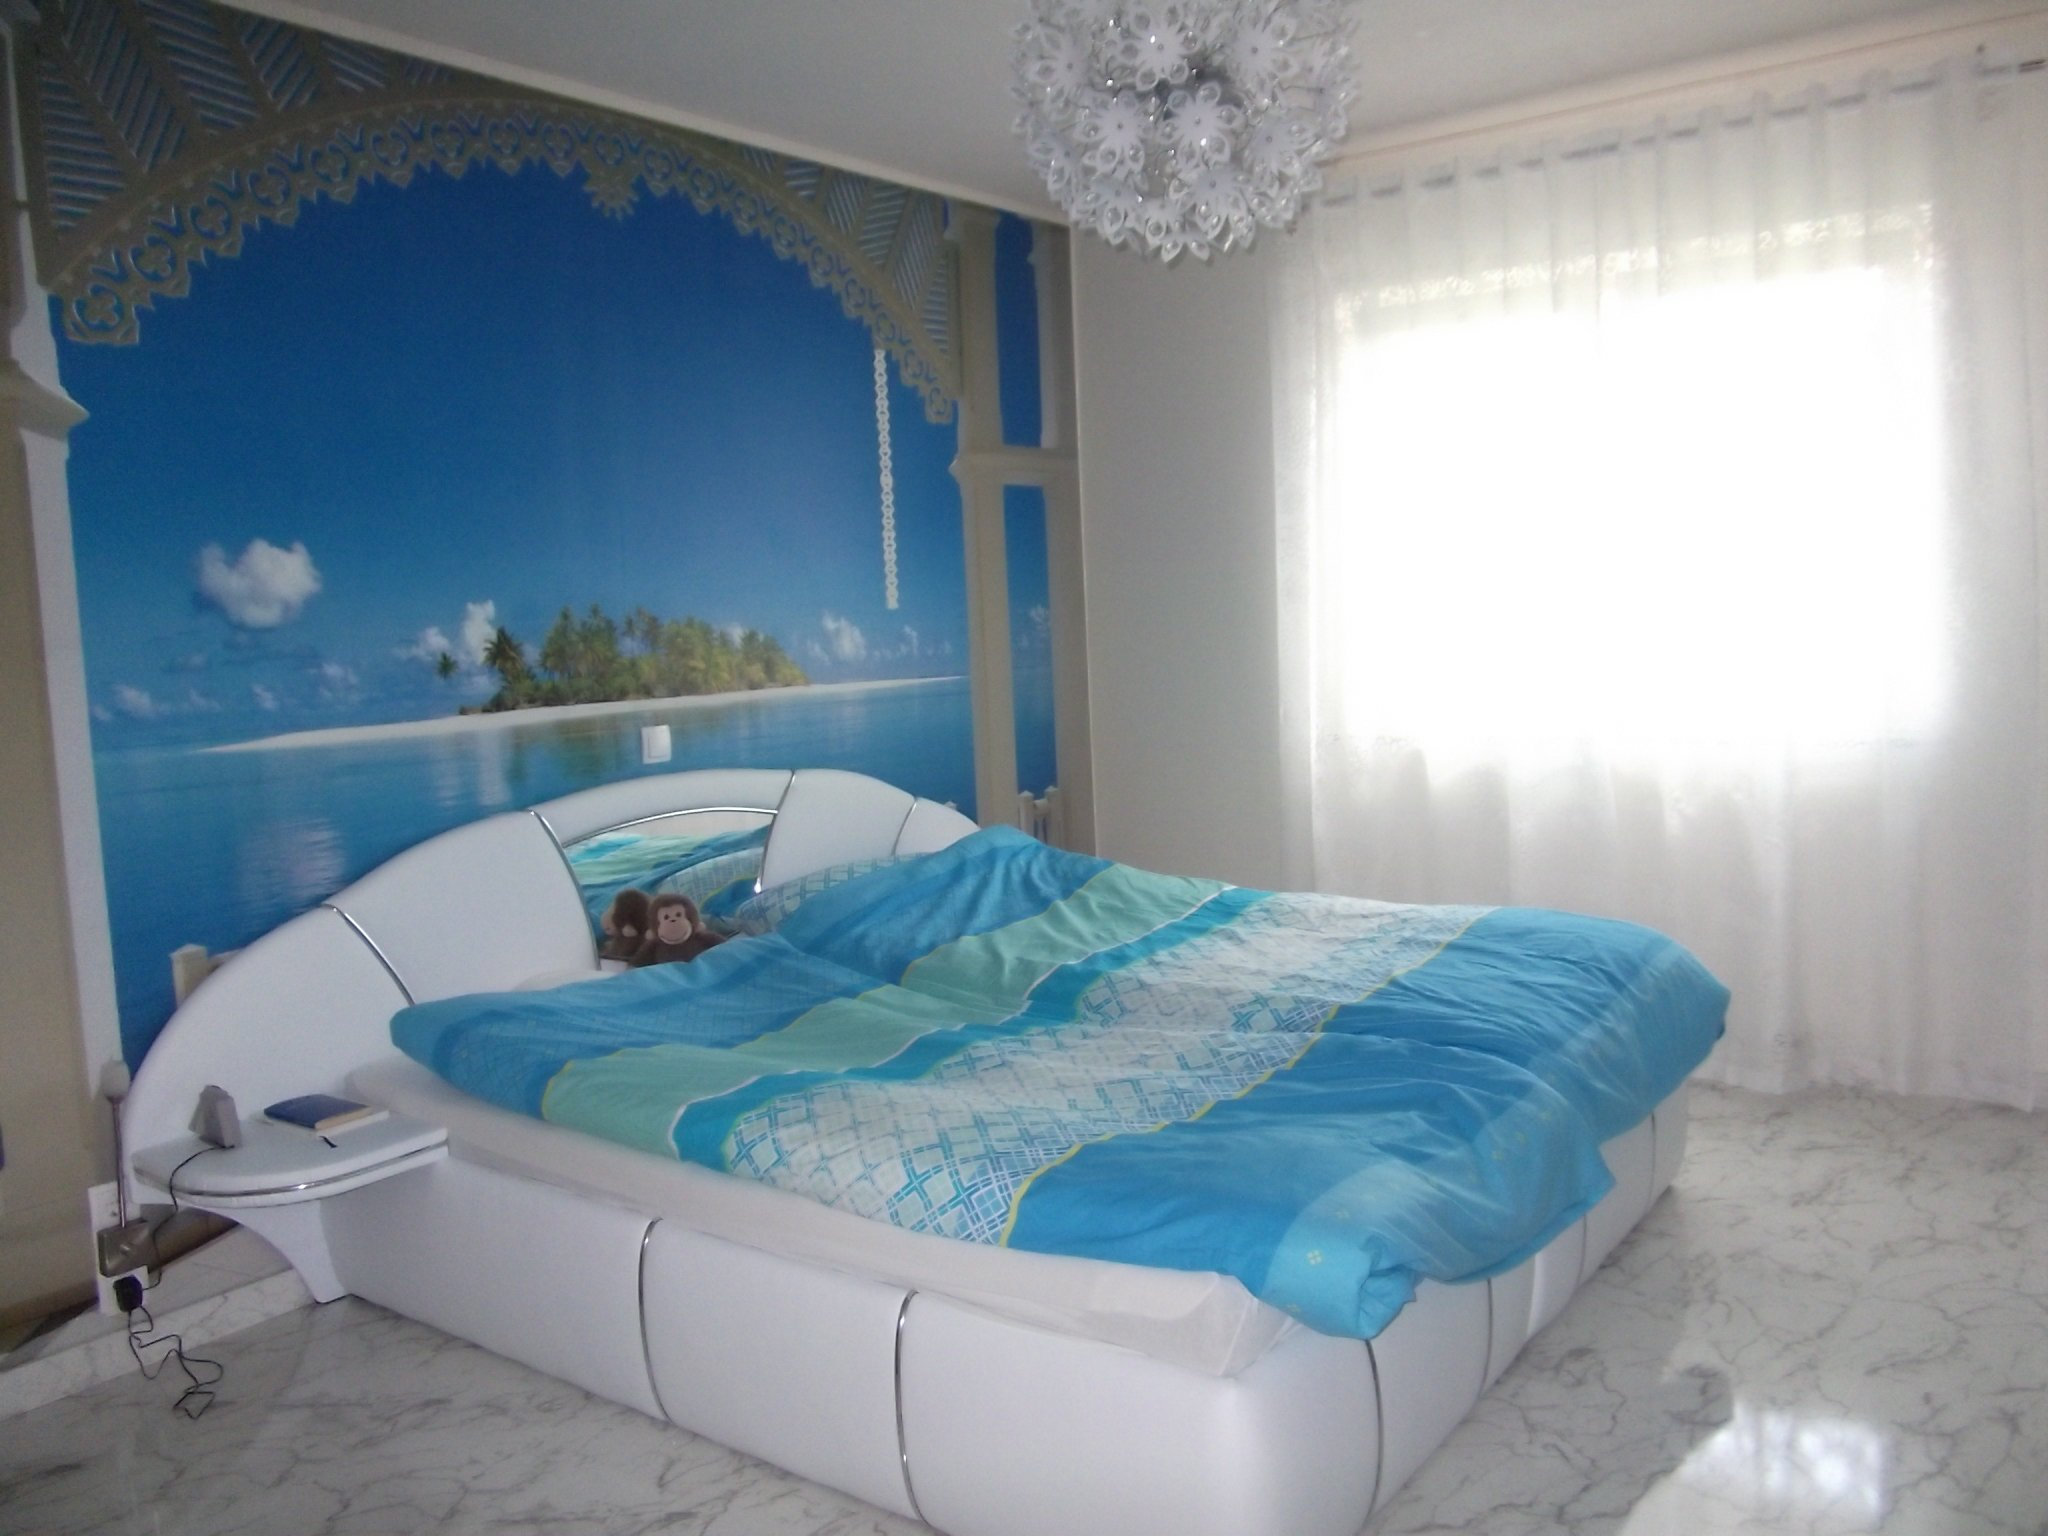 schlafzimmer 39 traum im wei 39 mein domizil zimmerschau. Black Bedroom Furniture Sets. Home Design Ideas